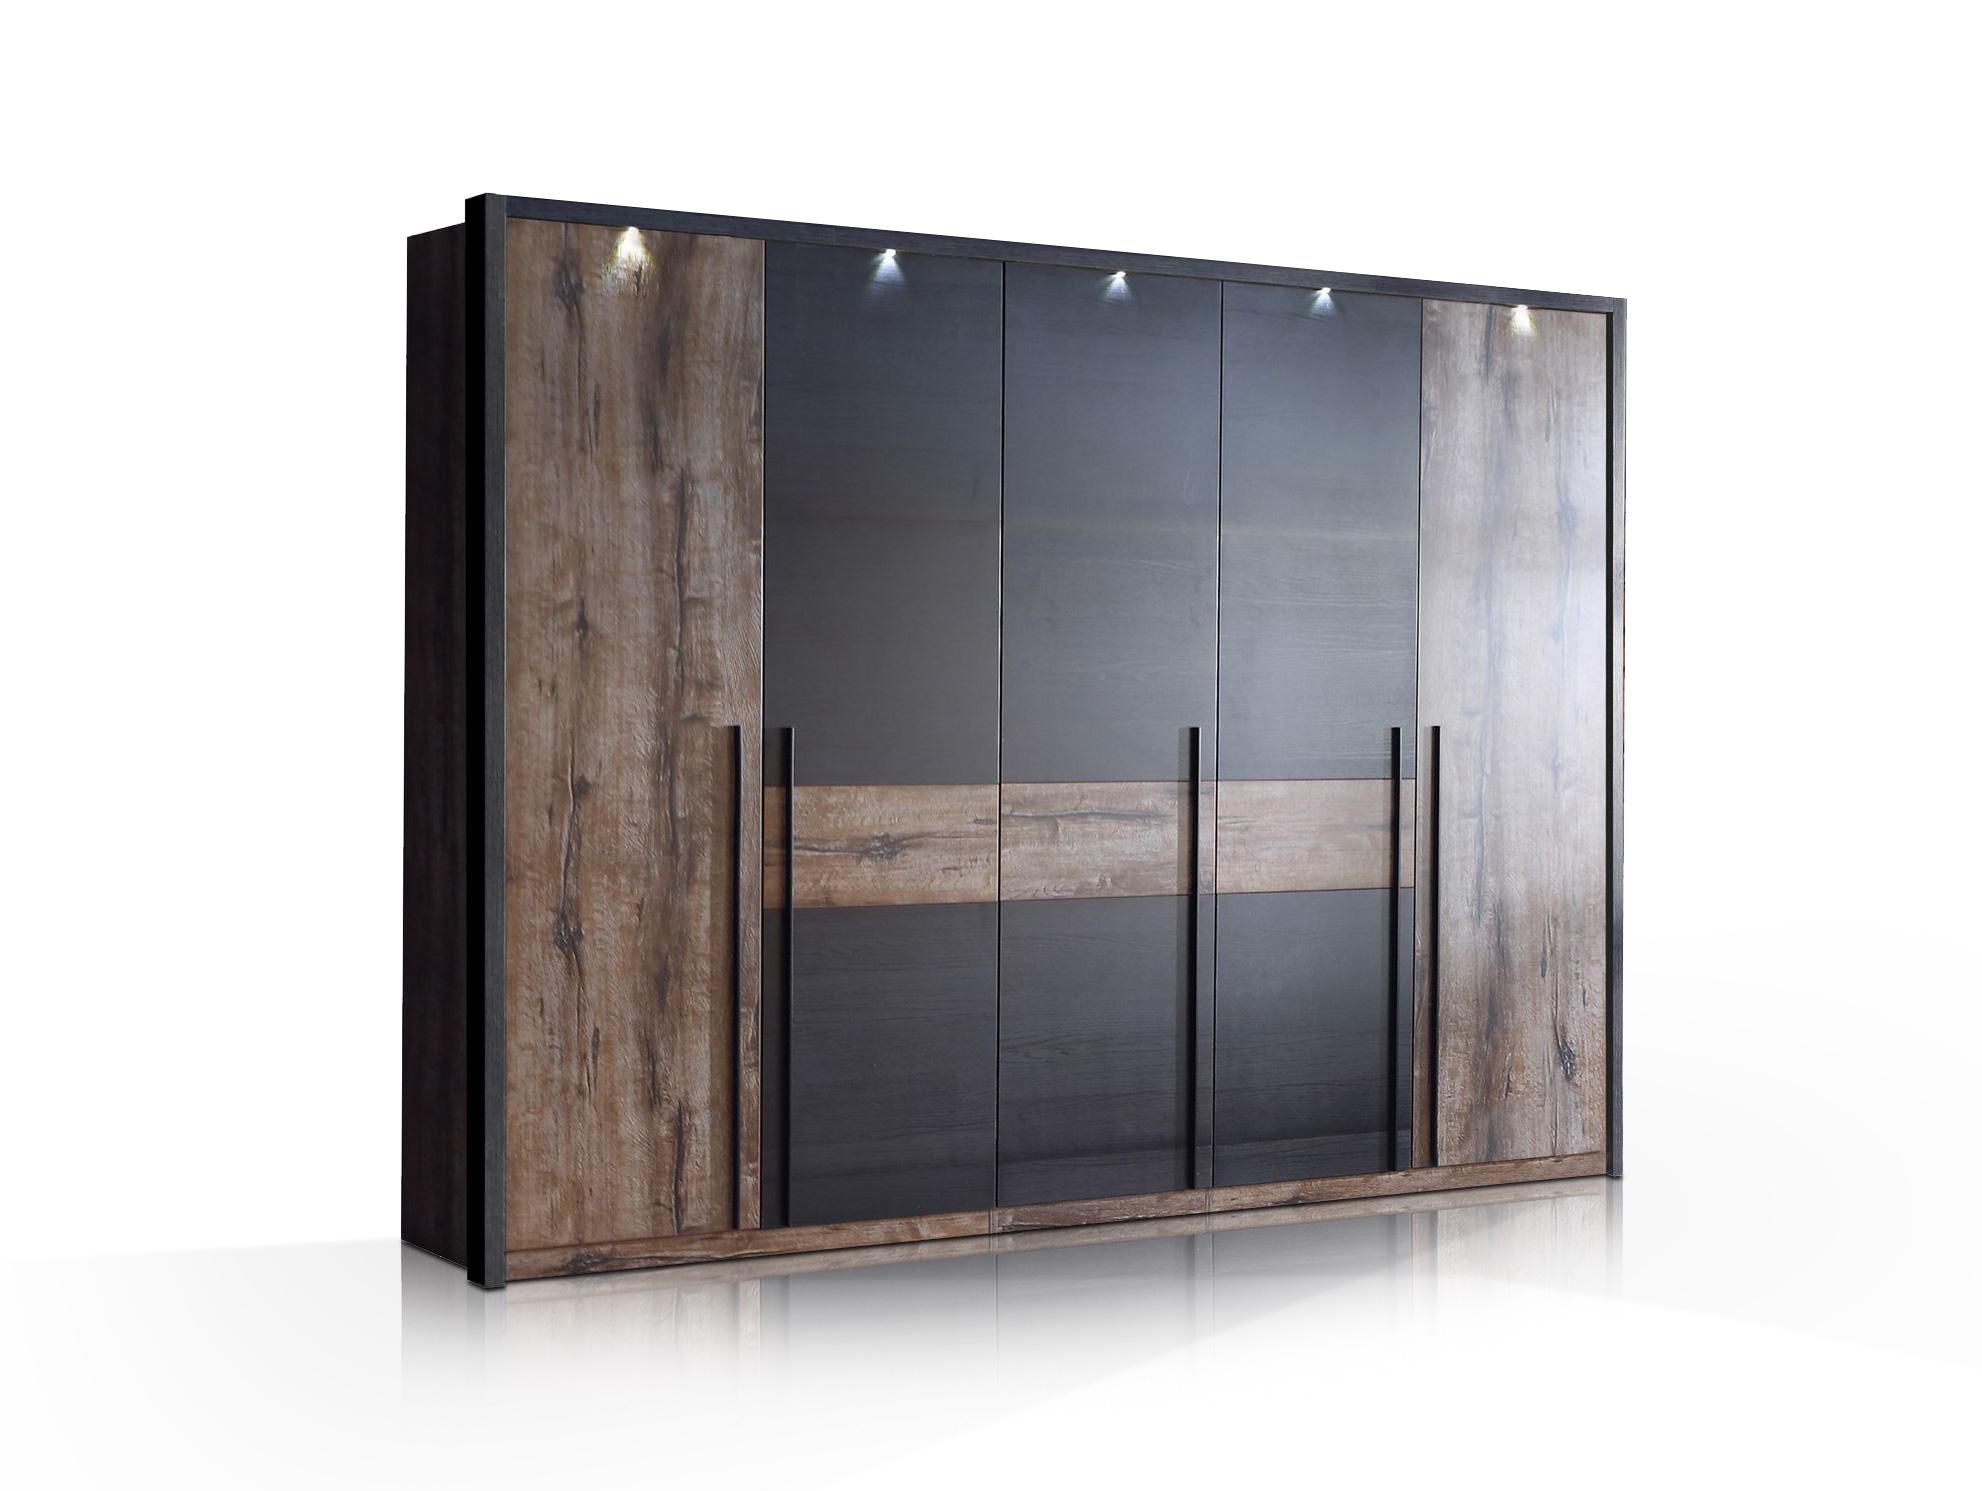 erlin kleiderschrank schlammeiche schwarzeiche. Black Bedroom Furniture Sets. Home Design Ideas